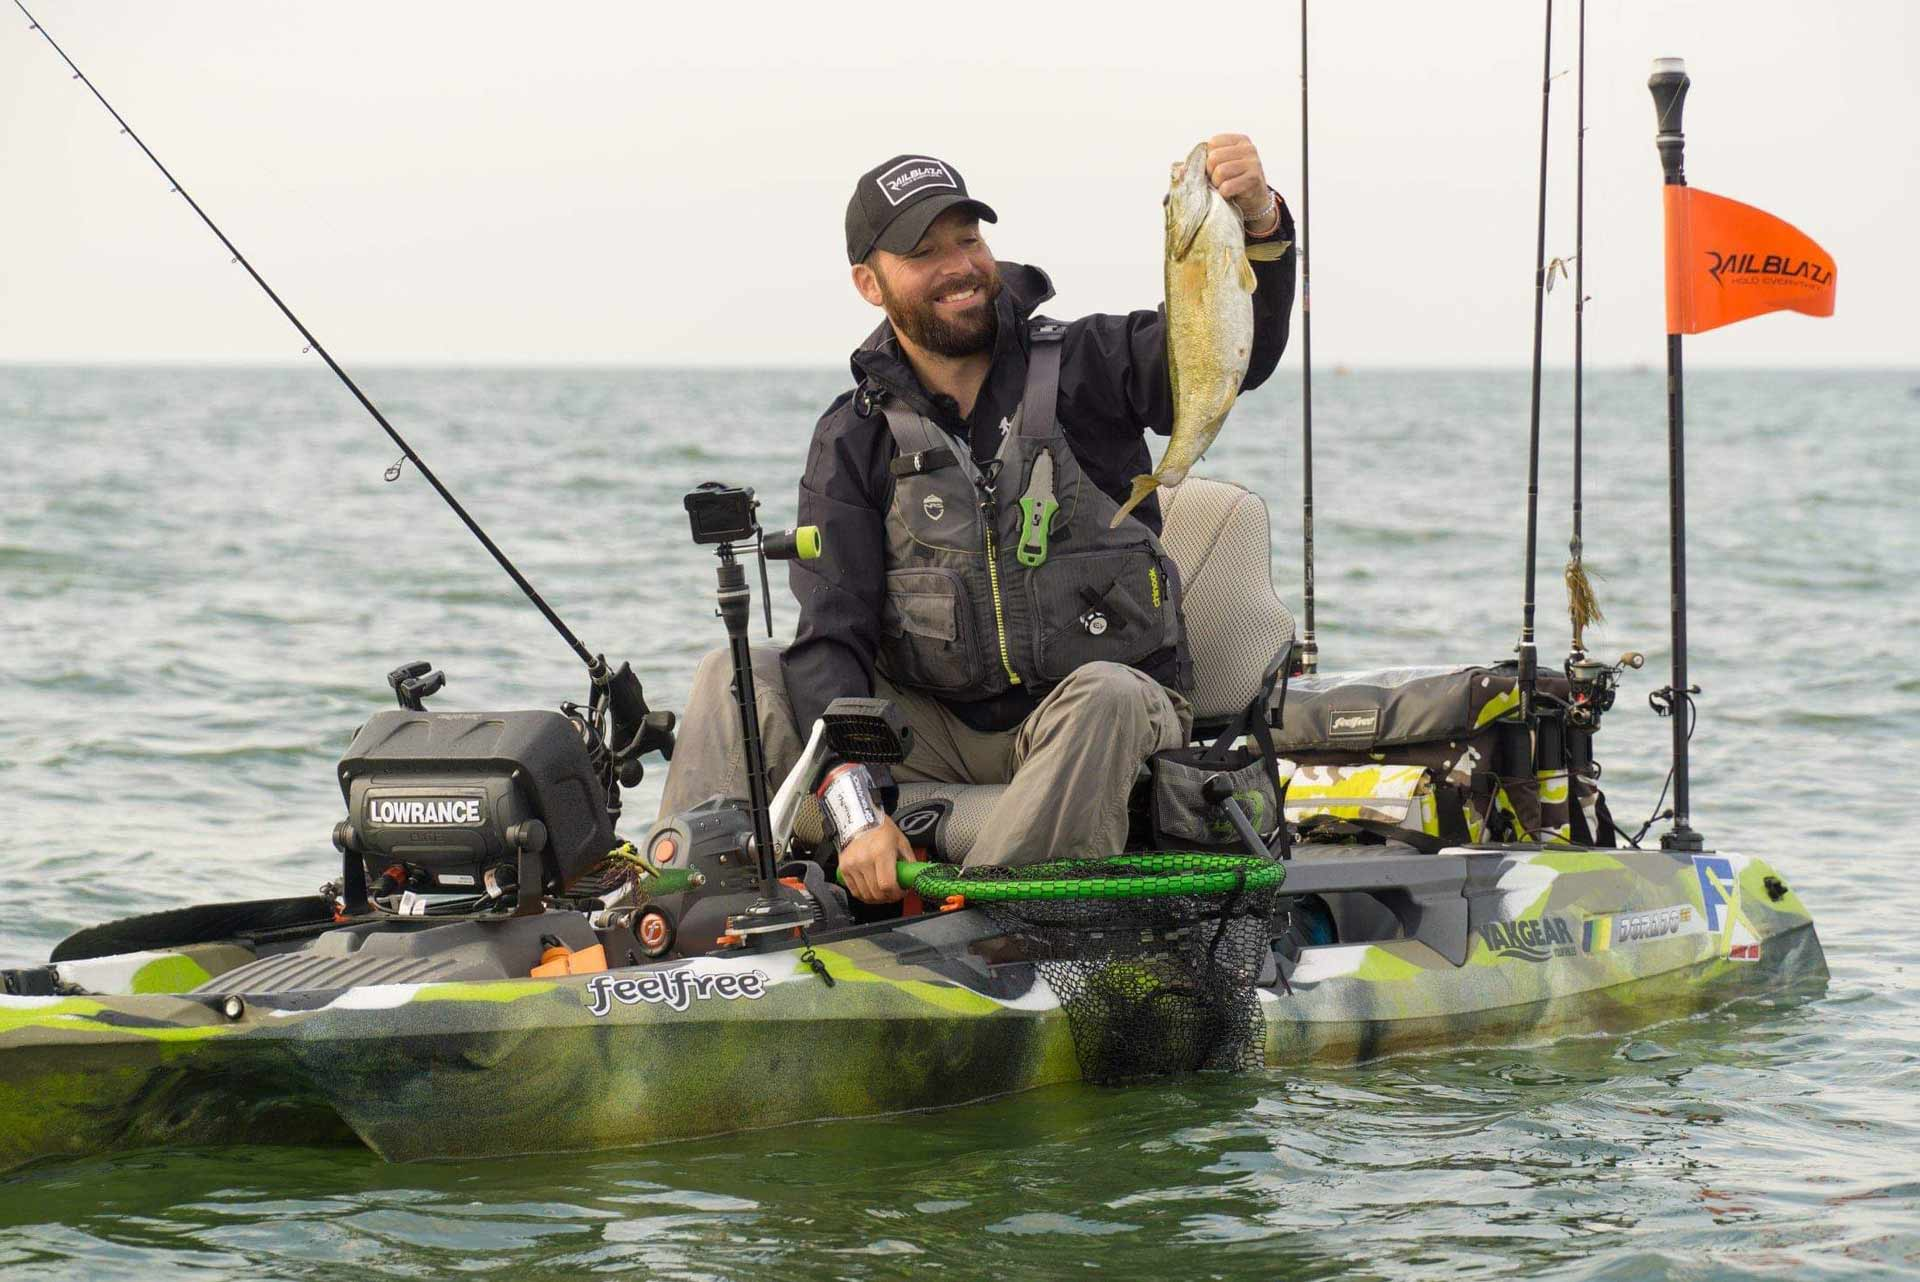 kayak angler holds bass on lake st. clair michigan